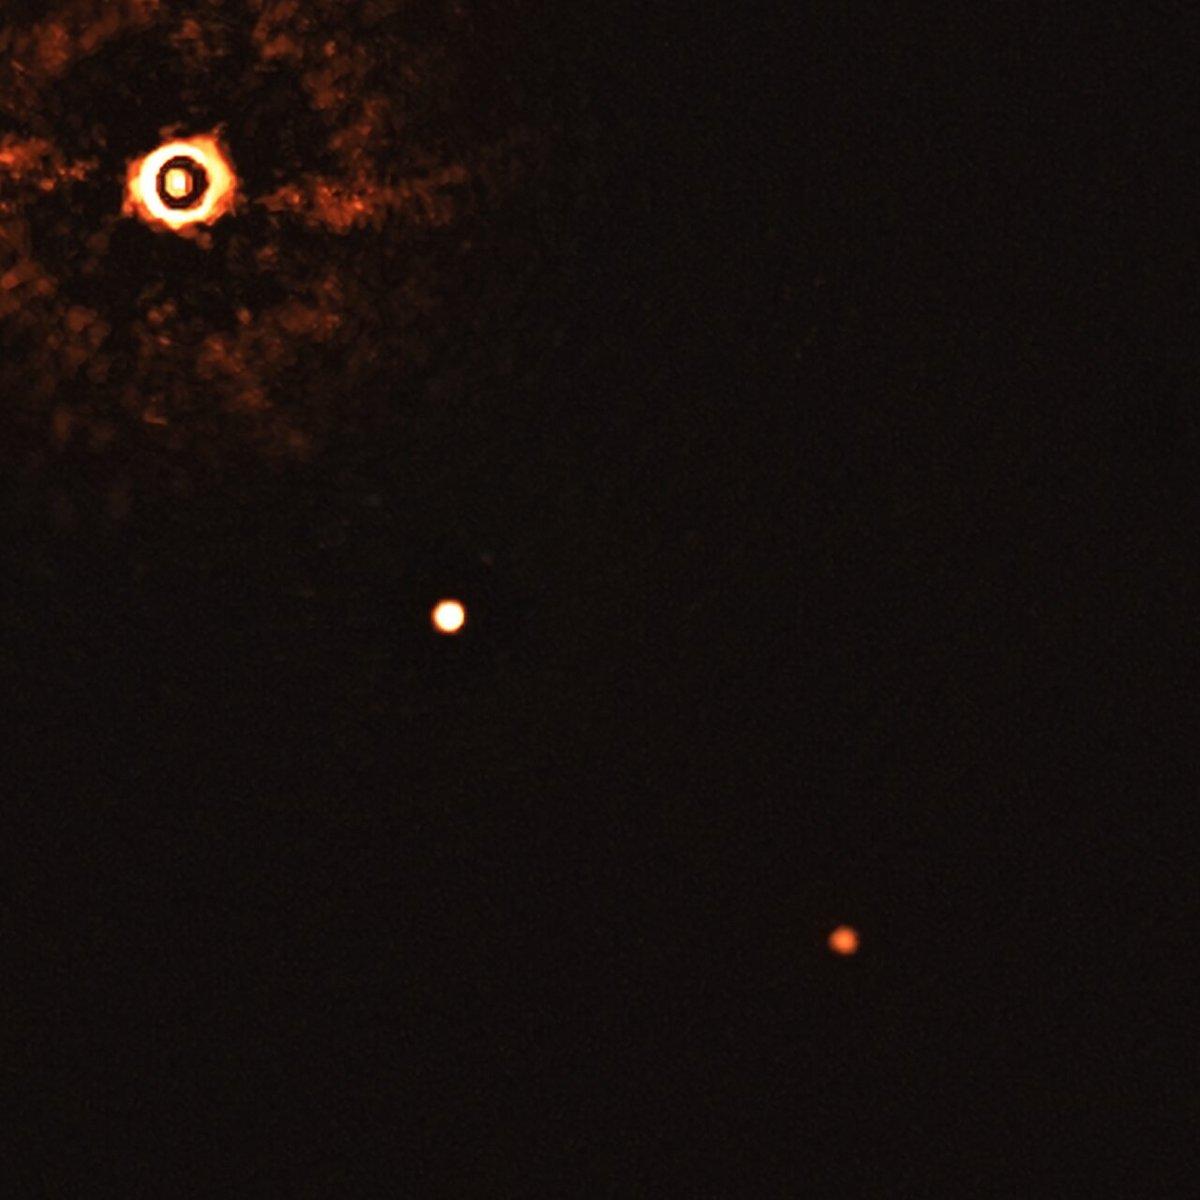 Exoplanètes direct SPHERES ESO VLT 2 © ESO/Bohn et al.